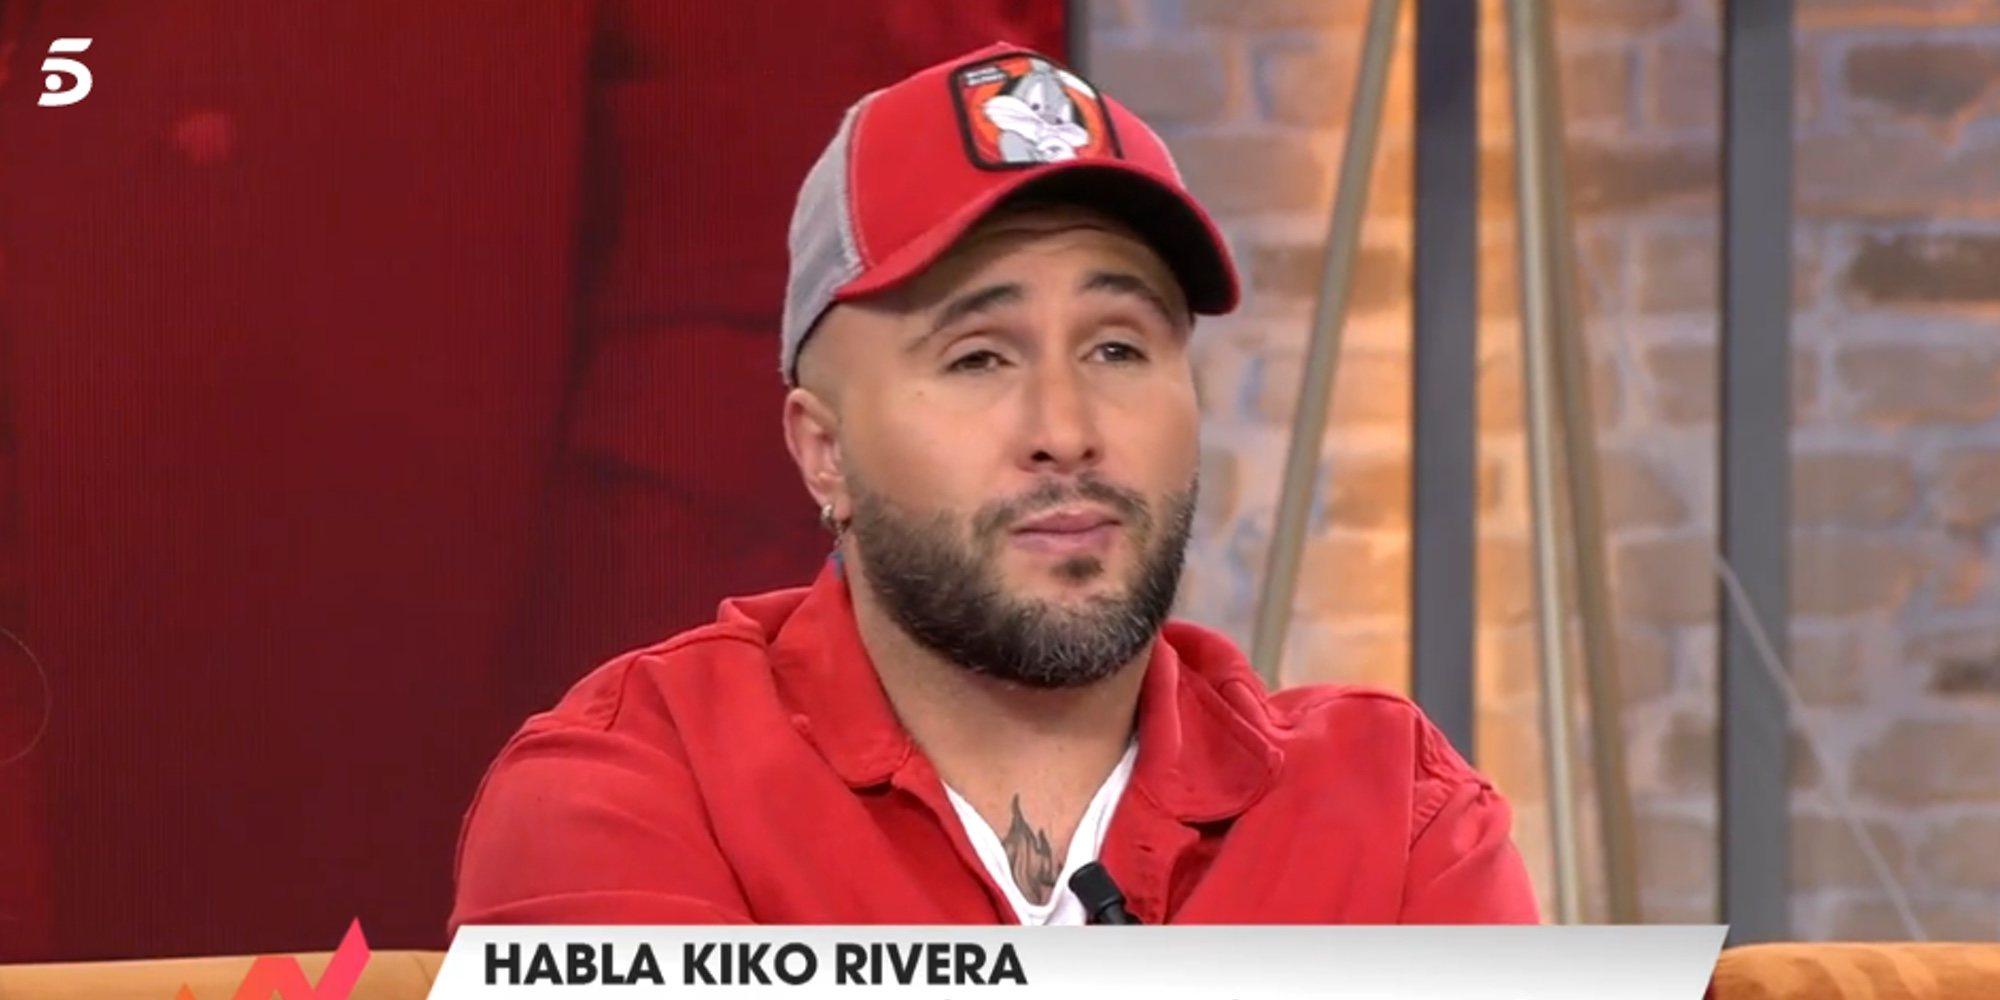 El paso de Kiko Rivera en directo en 'Viva la vida' para reconciliarse con su hermana Chabelita Pantoja